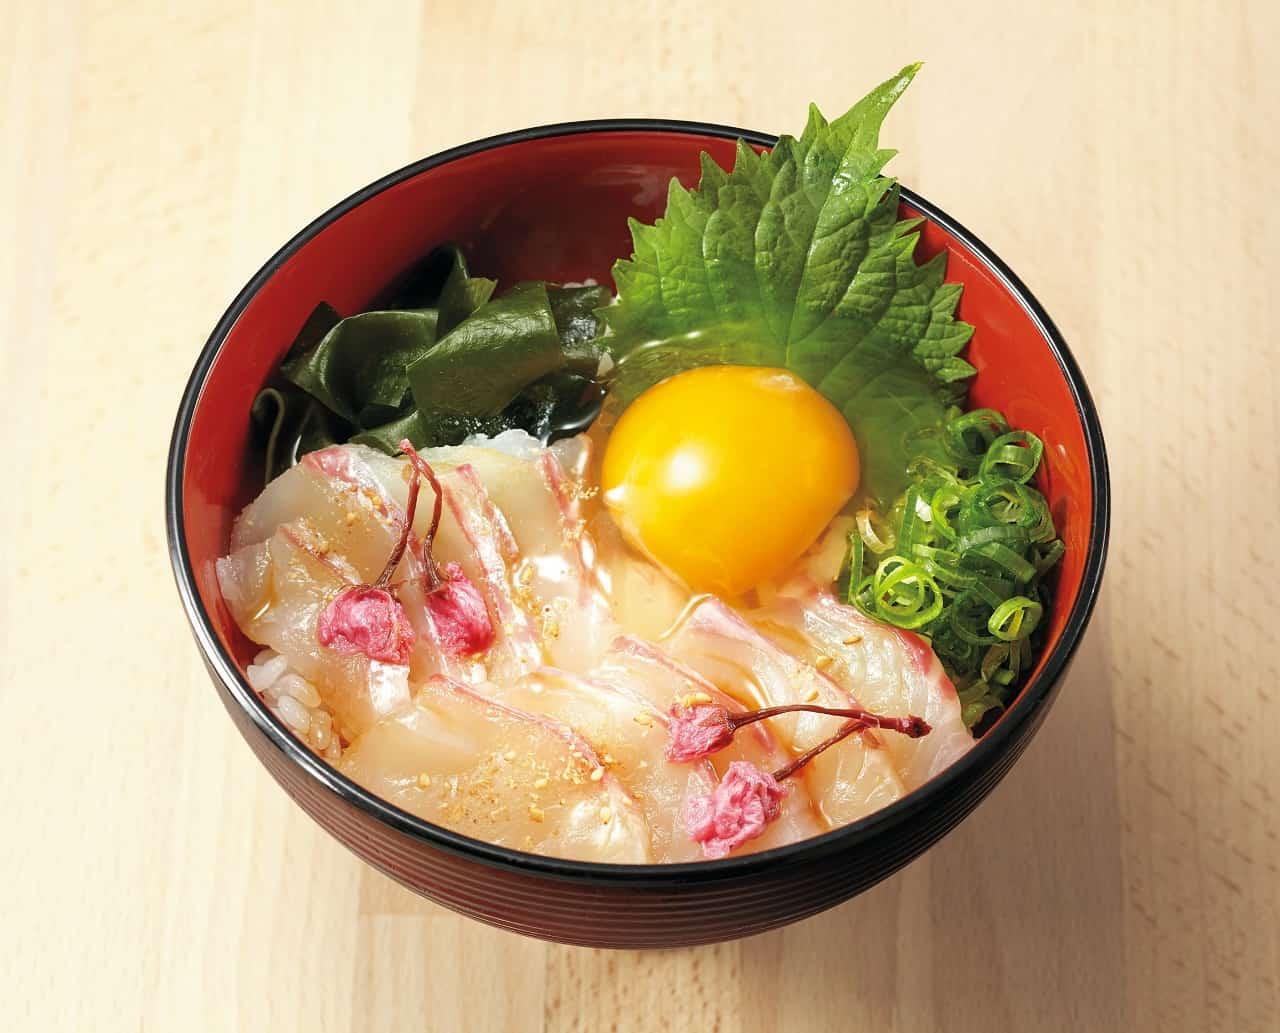 ข้าวหน้าปลากะพงอุวาจิมะ (Uwaijima Taimeshi) อาหารขึ้นชื่อของเมืองอุวาจิมะ (Uwajima) จังหวัดเอฮิเมะ (Ehime)